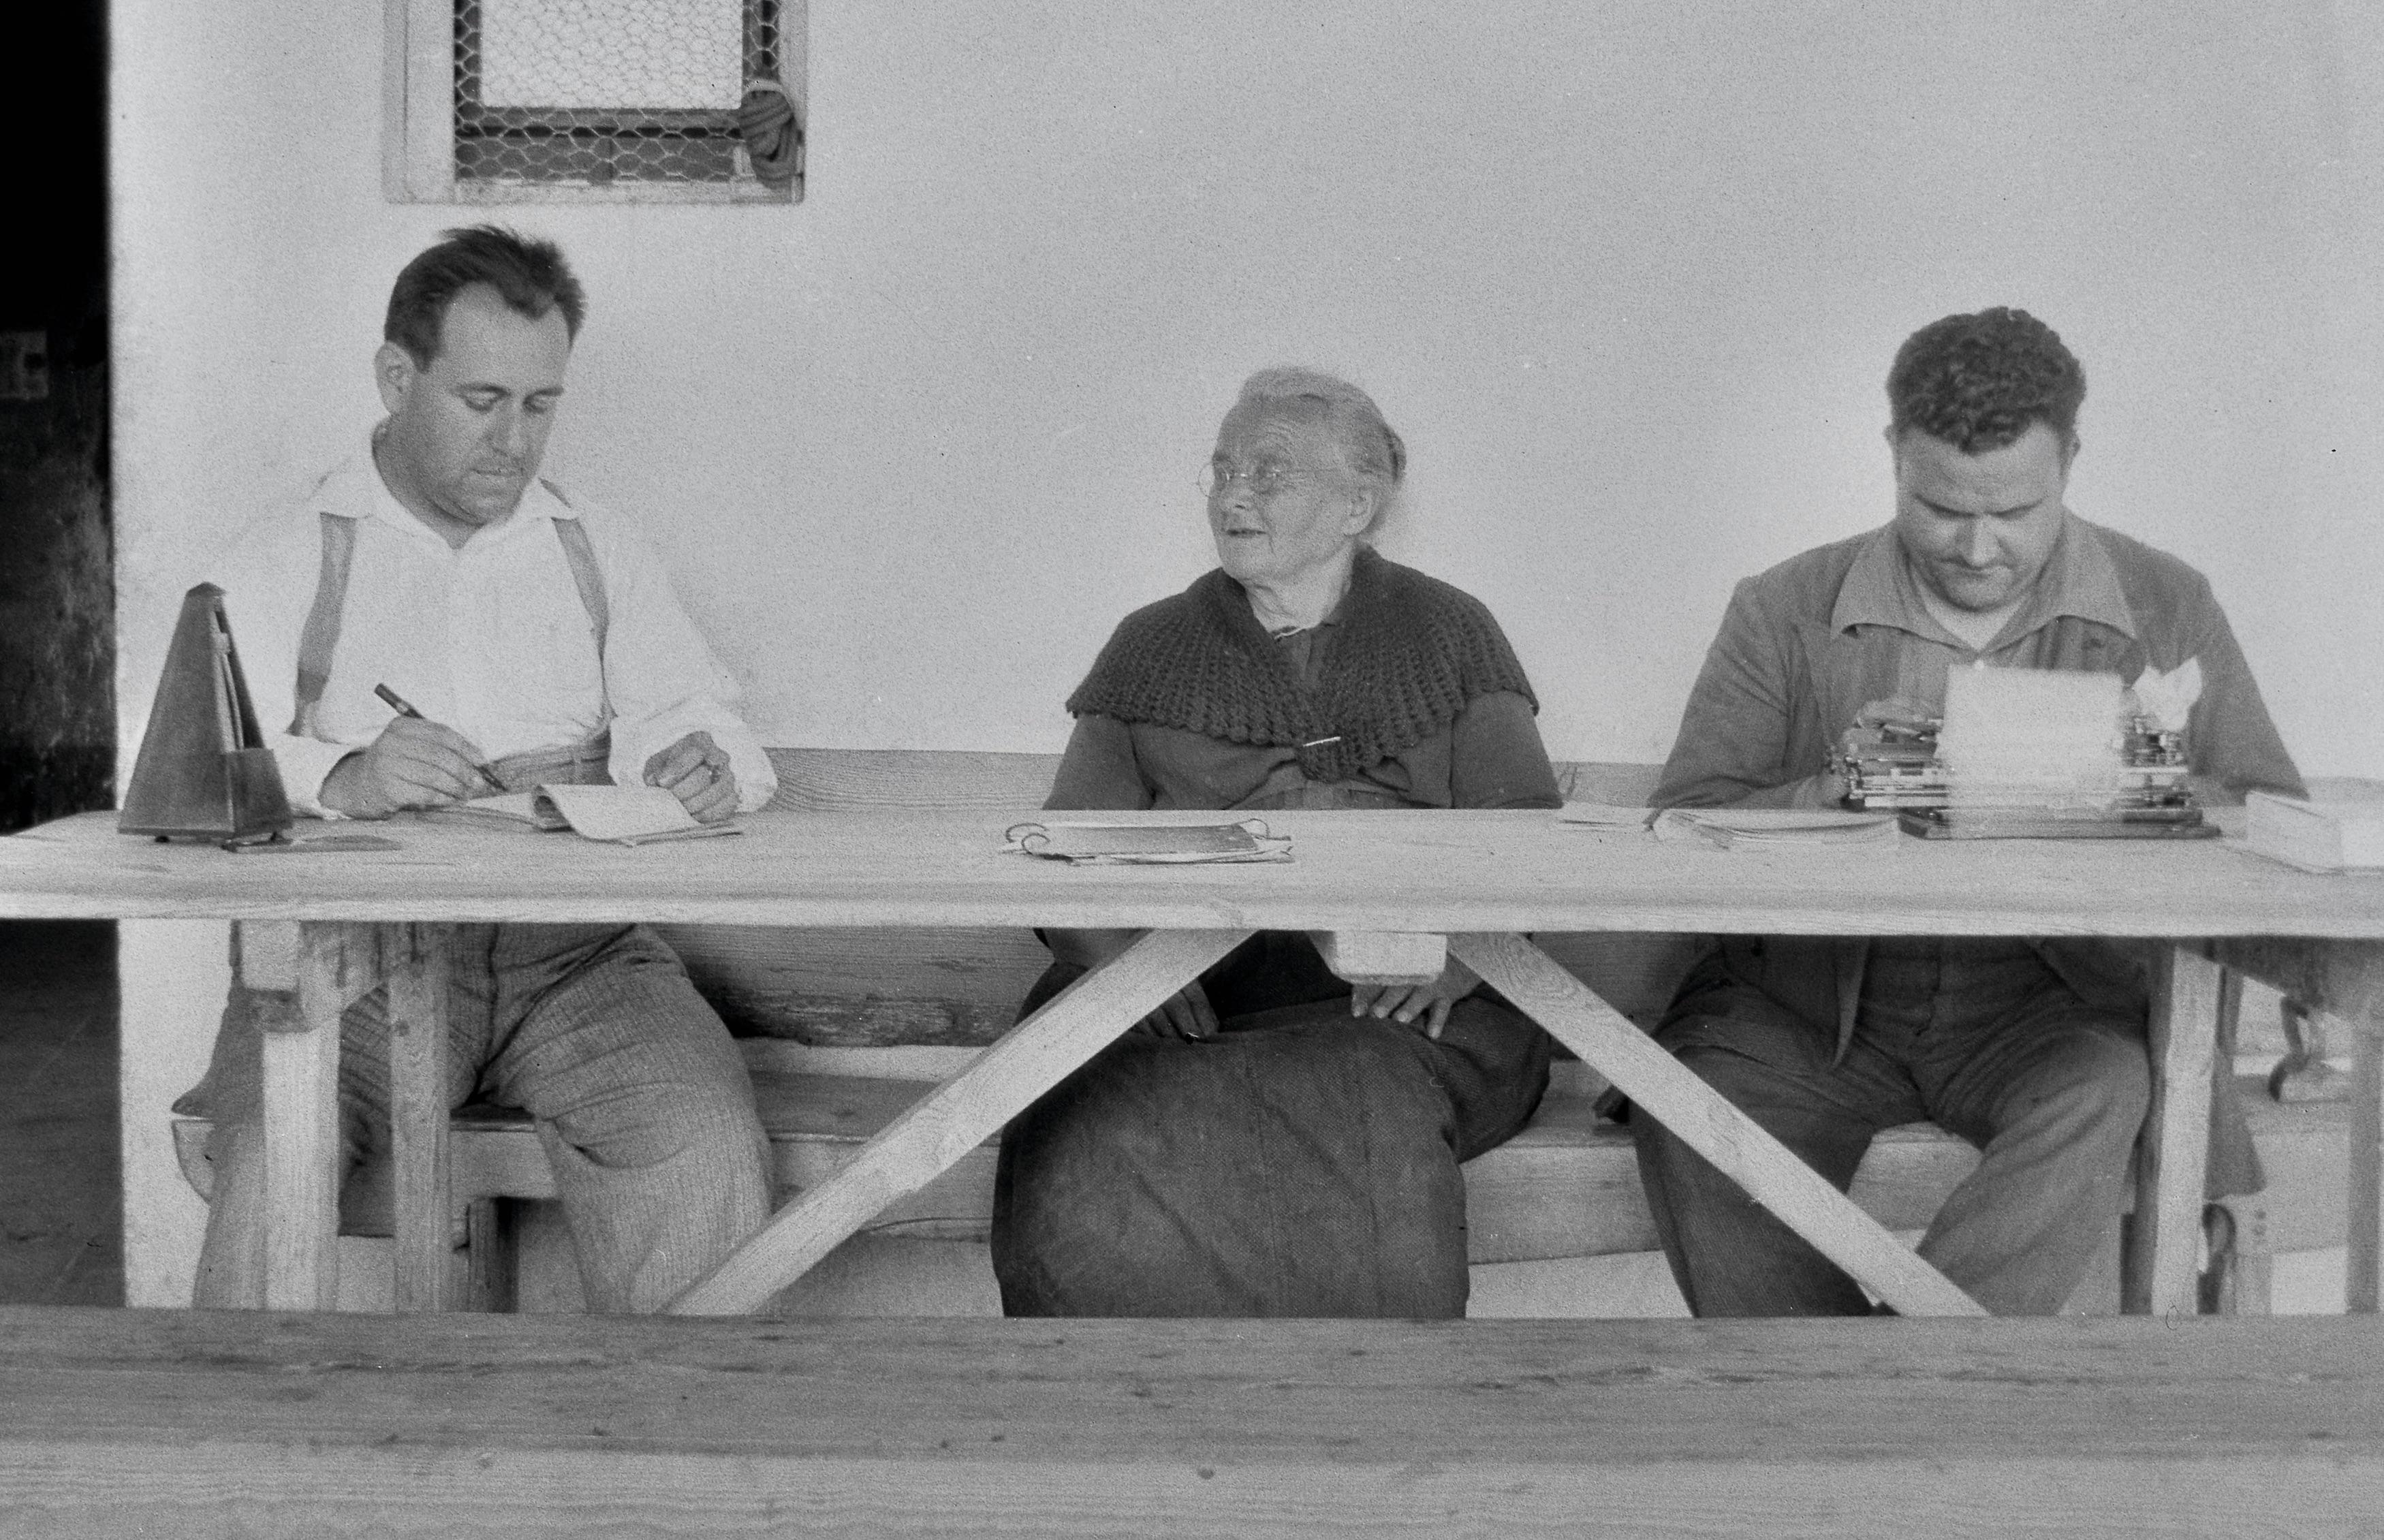 Joan Tomàs i Joan Amades recollint cançons de Josepa Serra de Casanoves, dita de la Cortada, a la casa la Costa de Cavalleria, en la missió de recerca per l'OCPC núm.48, el 1931. Fons JTP